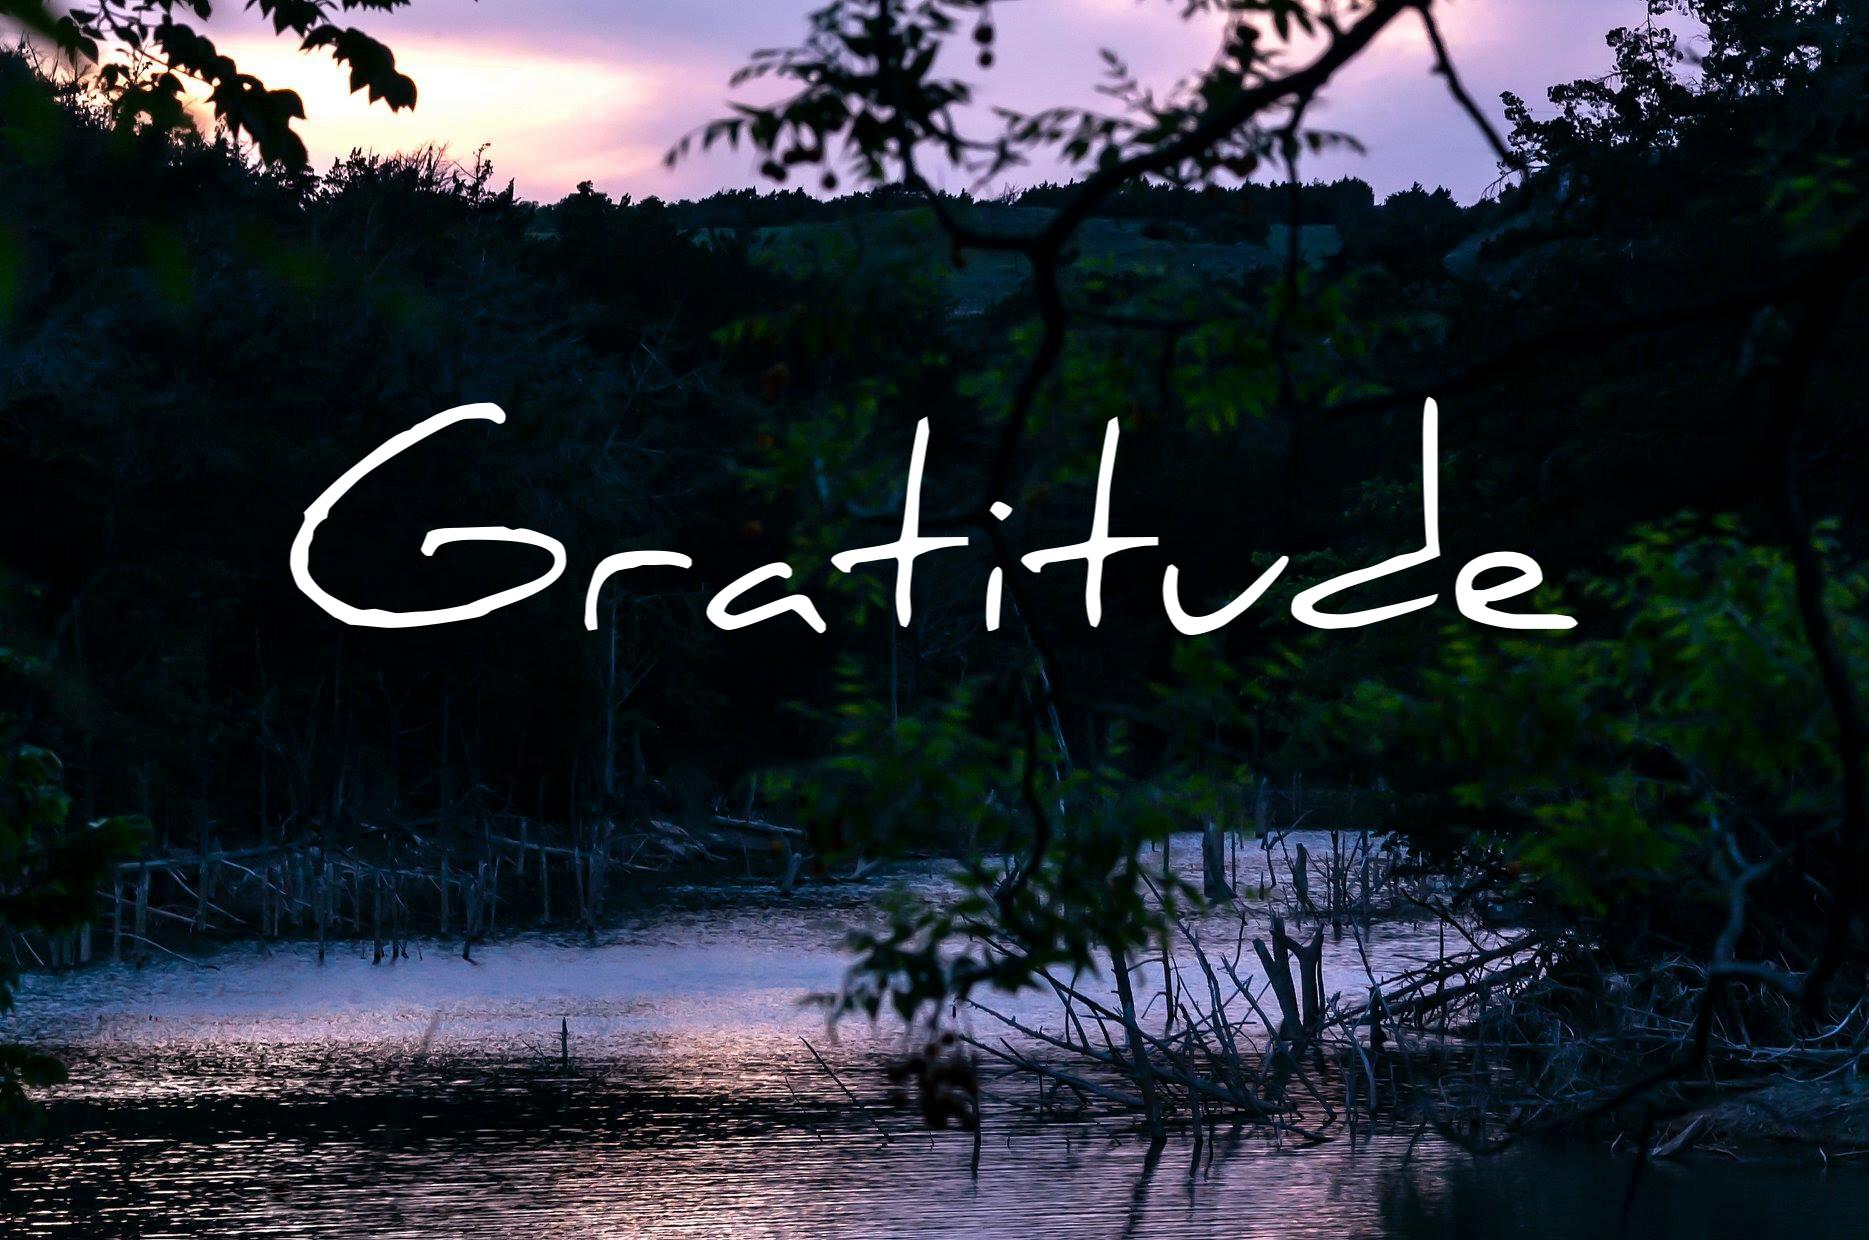 Reflections on Gratitude by Steven Shomler